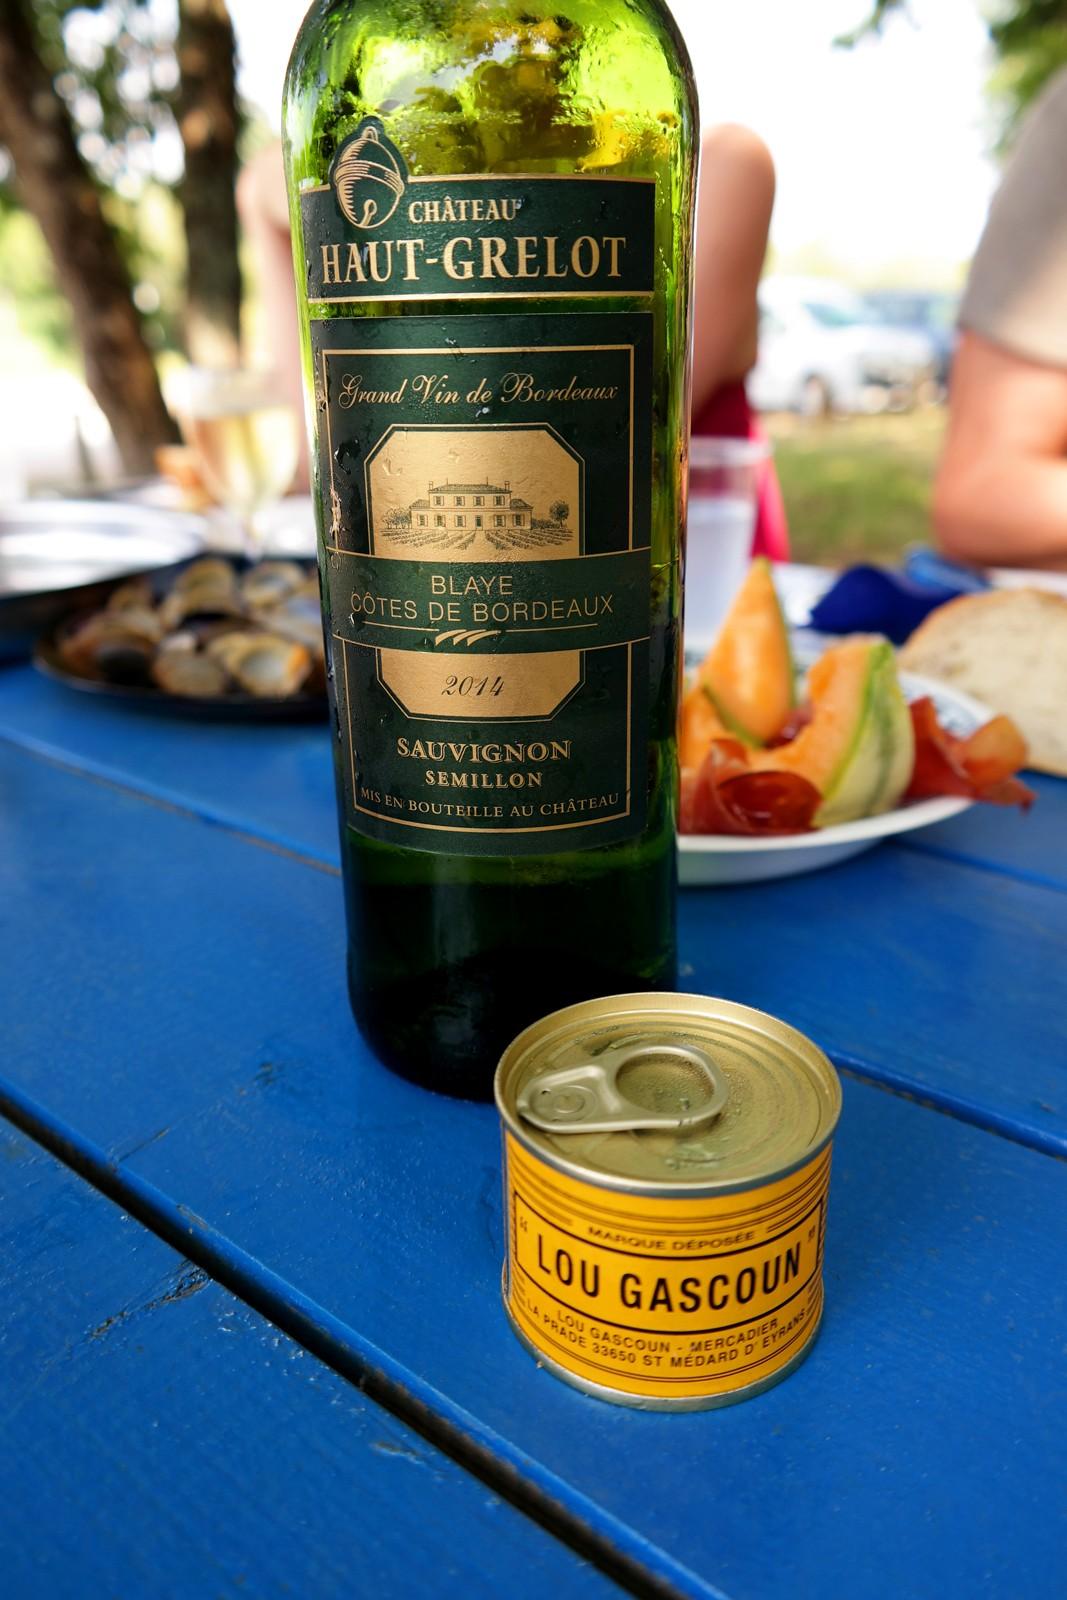 Vin blanc blaye cotes de bordeaux pâté lou gascoun cabane ostréicole Antoine Duvignac déjeuner Port de Biganos Bassin d Arcachon vraies vacances photo by united states of paris blog